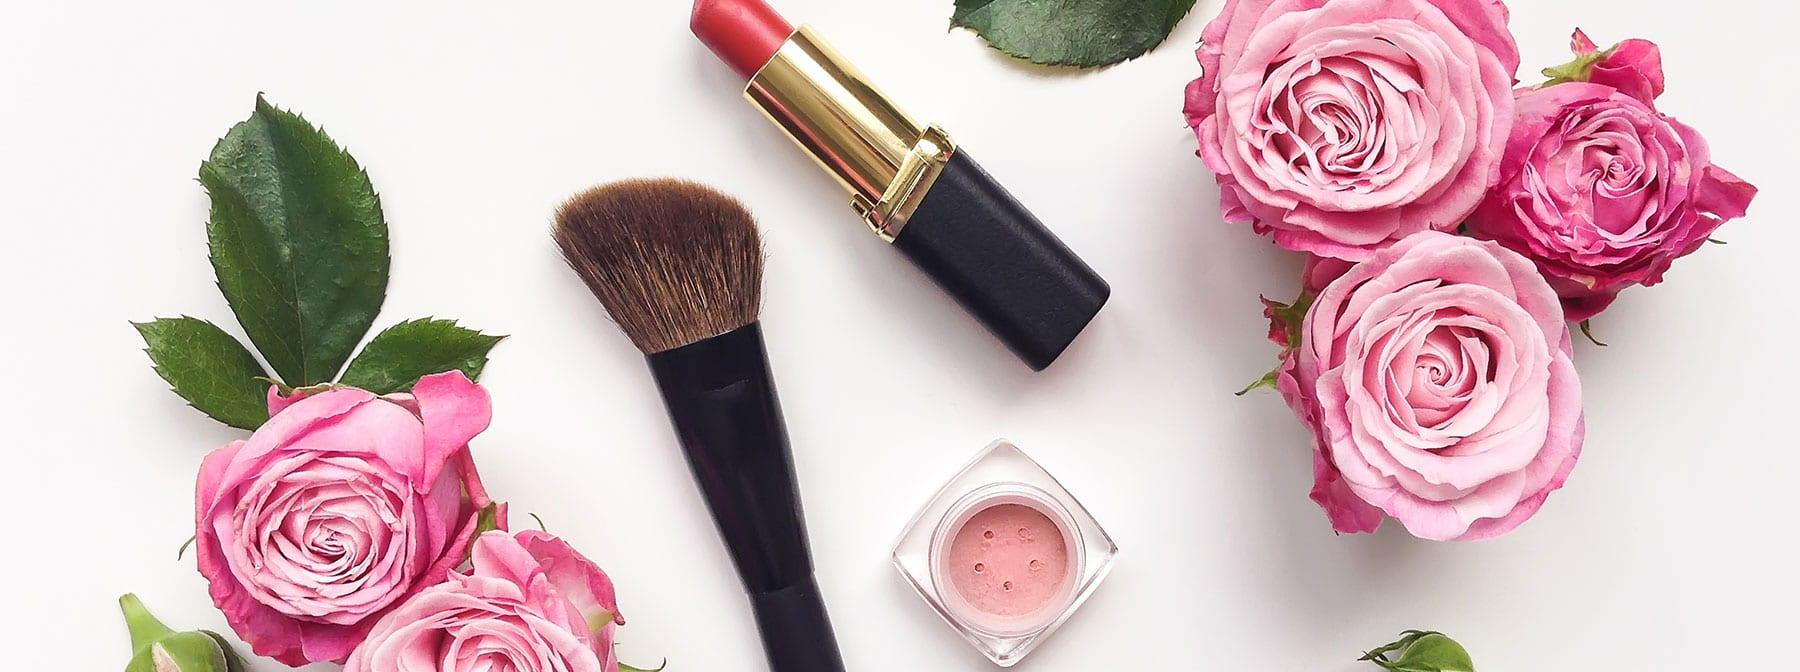 Les indispensables maquillage en 2017